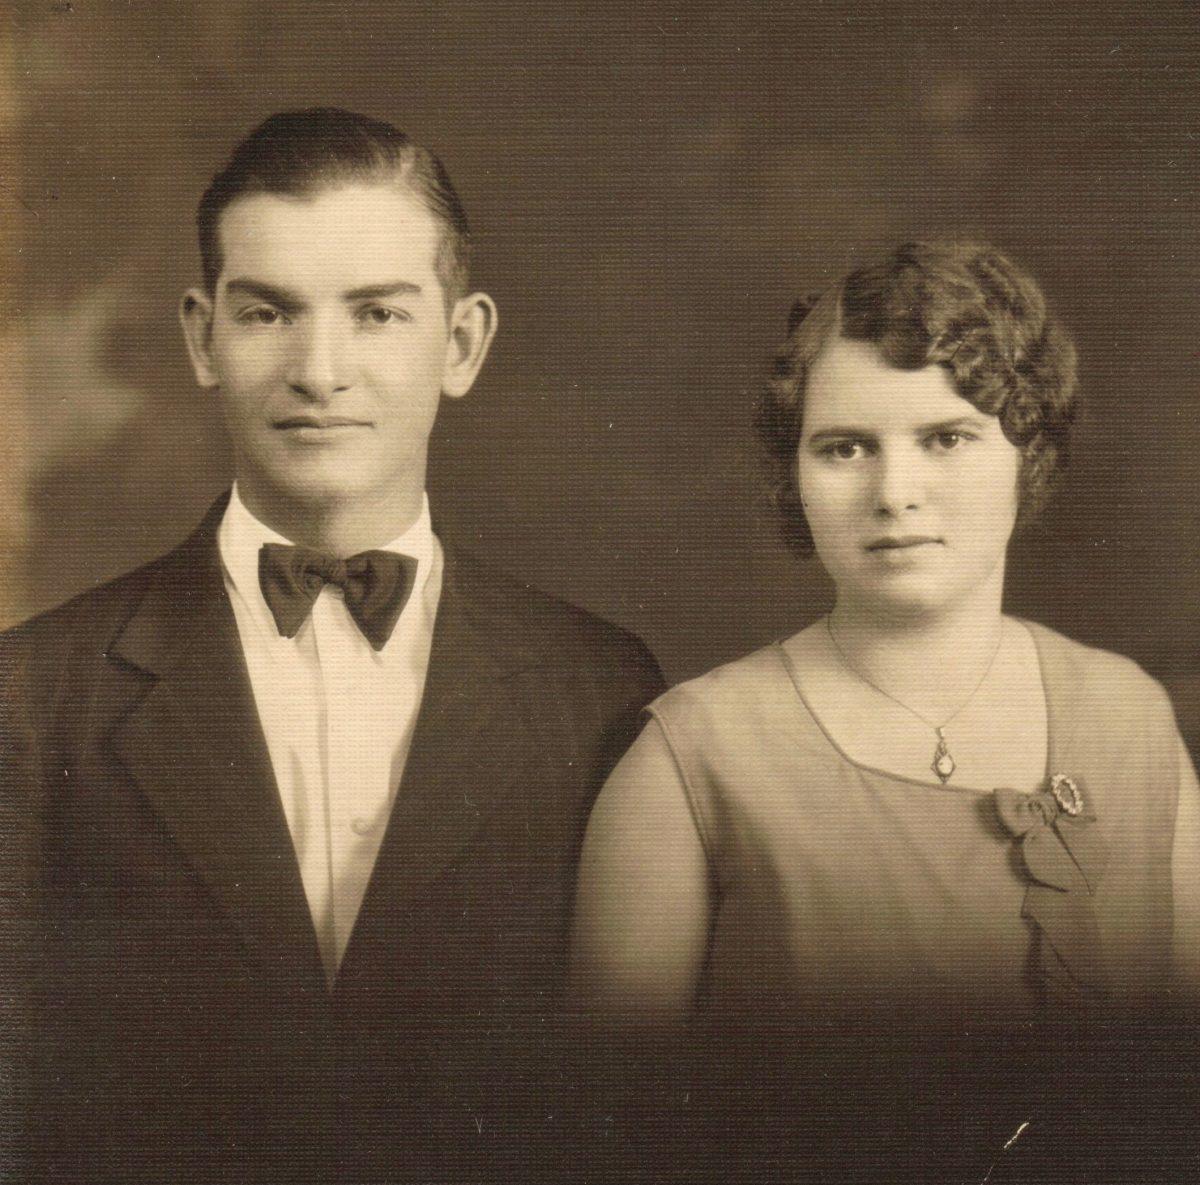 Carl Gahimer and Mabel Wagoner